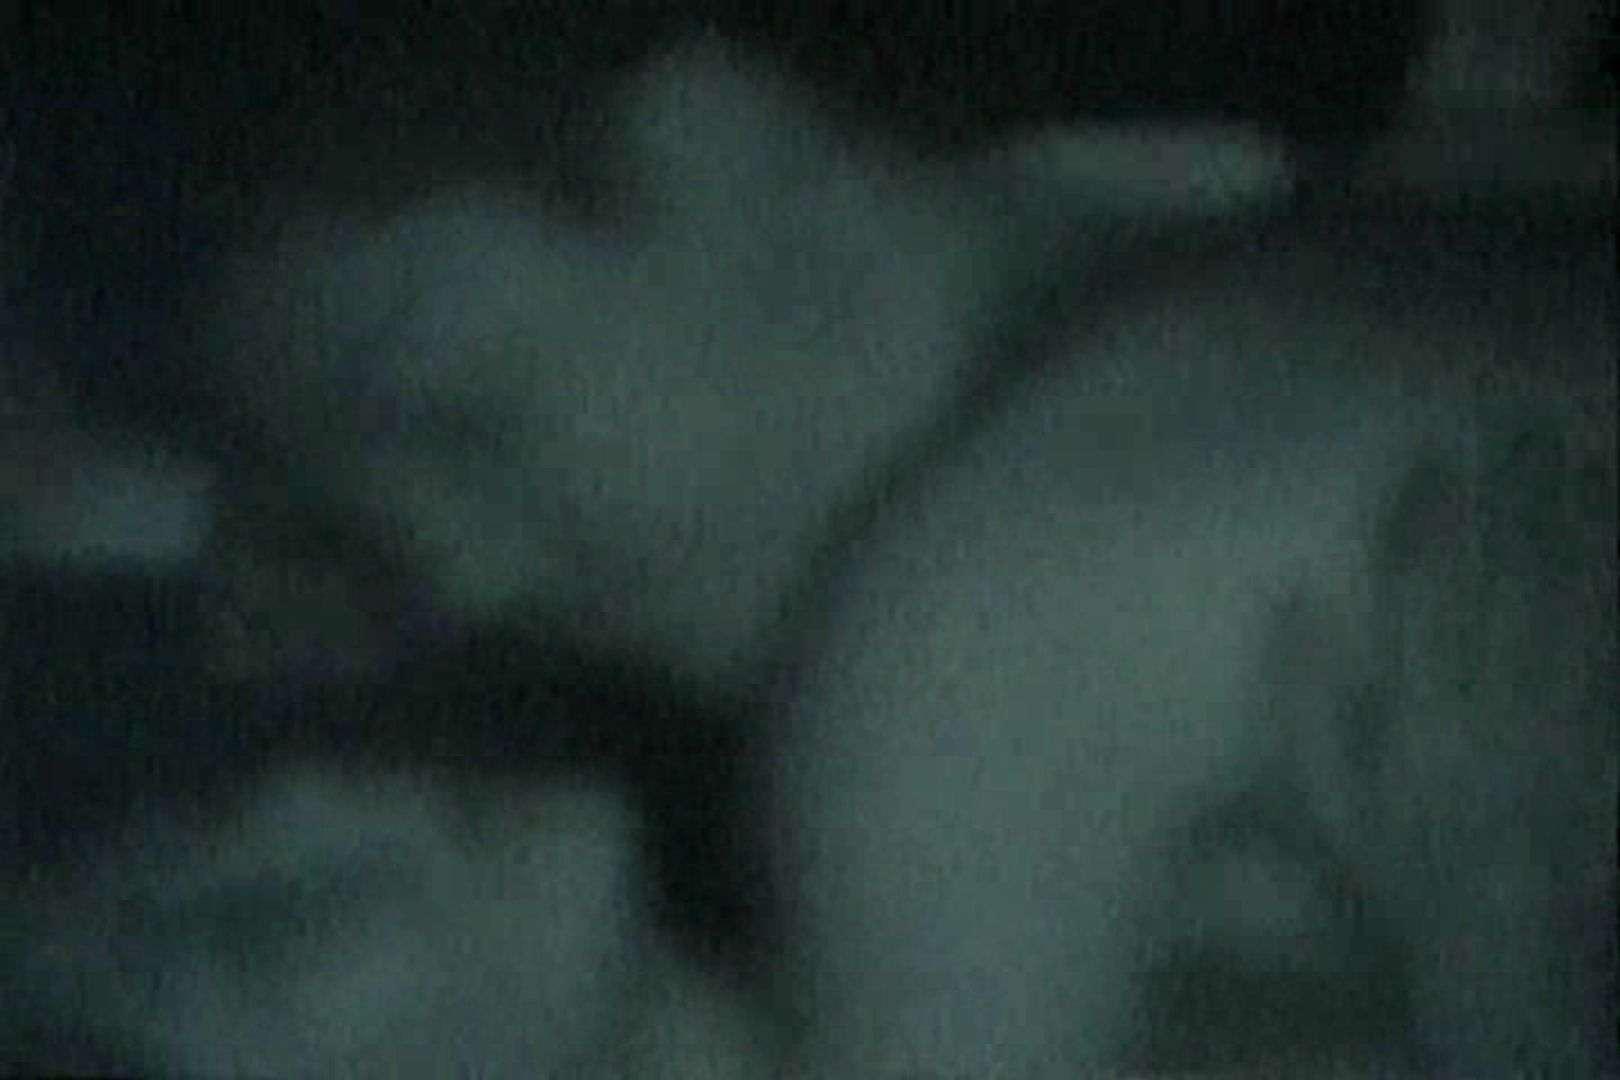 充血監督の深夜の運動会Vol.125 カップル エロ画像 59画像 37